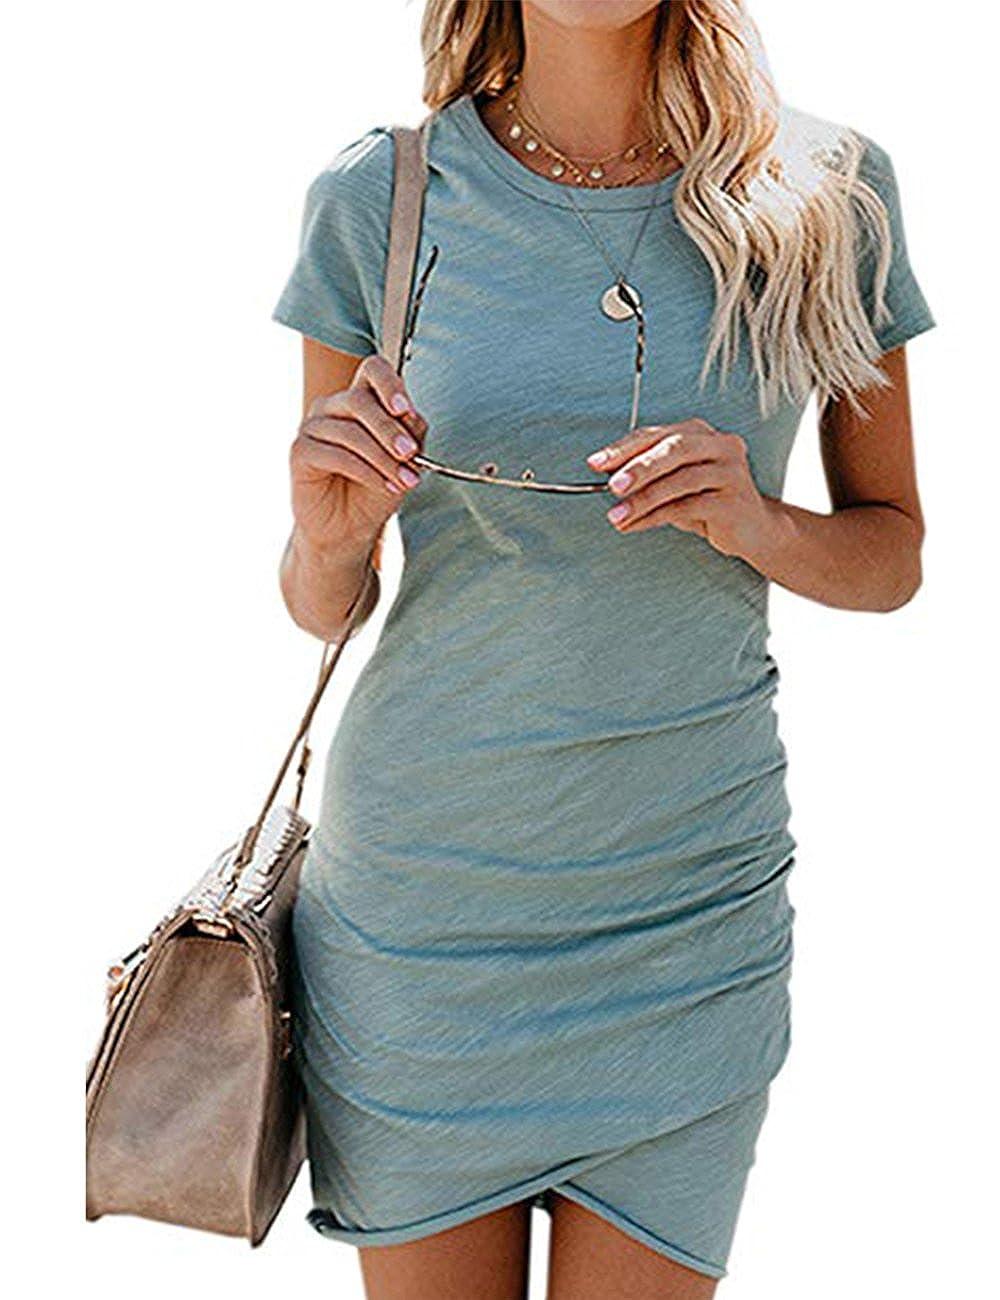 Damen Enges Kleid Kurz Sommerkleid Rundhals Kurzarm Kleid Bodycon Unregelmäßig Asymmetrisch Minikleid Party Abendkleid Elegant Sommer Tunika T-Shirt Kleid